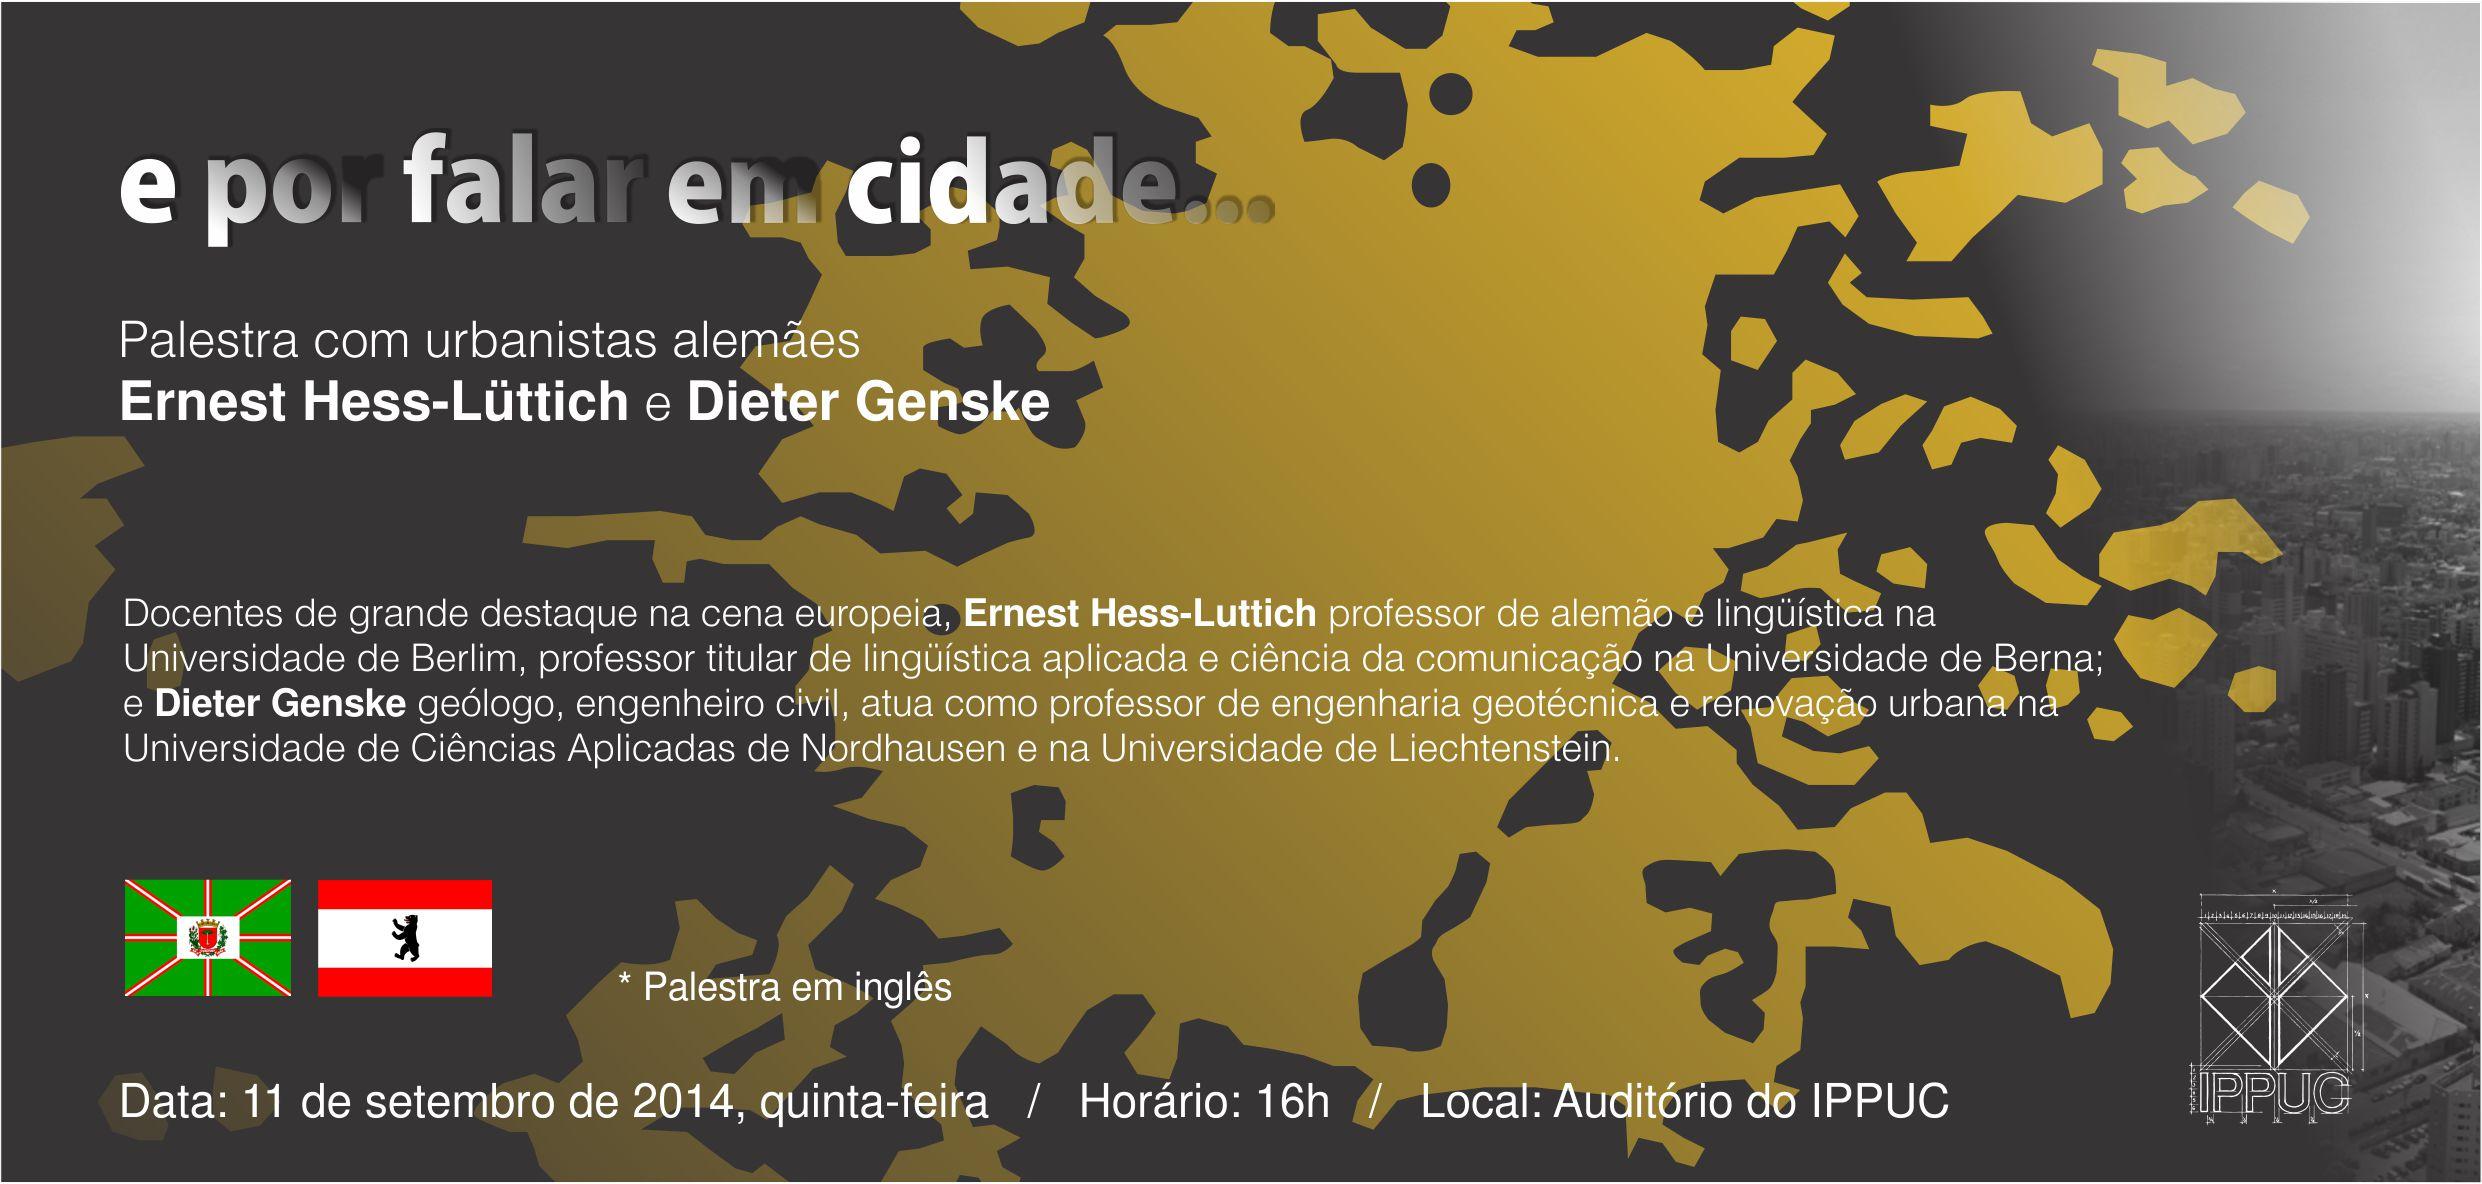 11 09 2014 - Convite